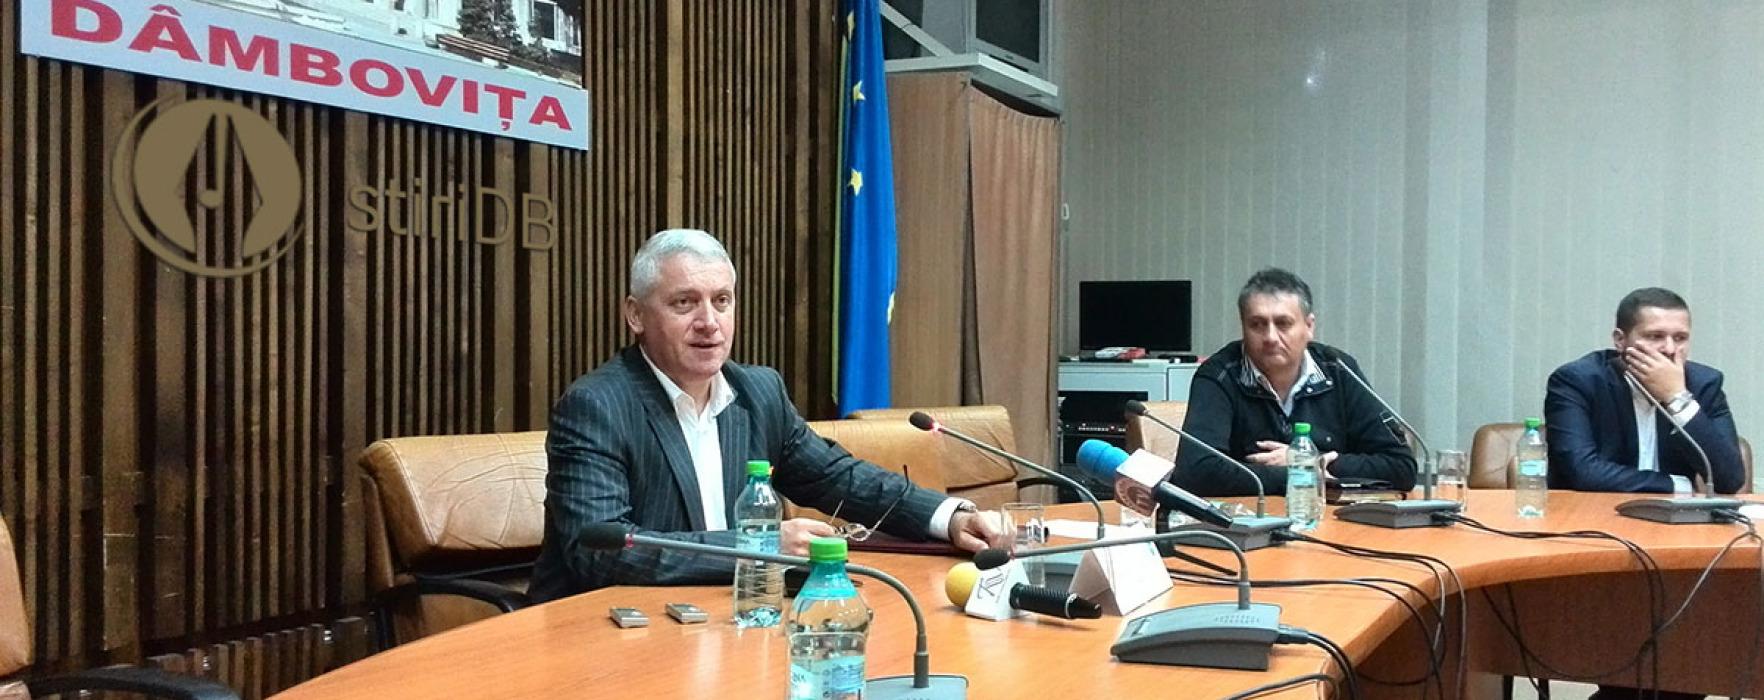 Dâmboviţa: Rectificarea bugetară, adoptată; Ţuţuianu spune ce s-a negociat (video)